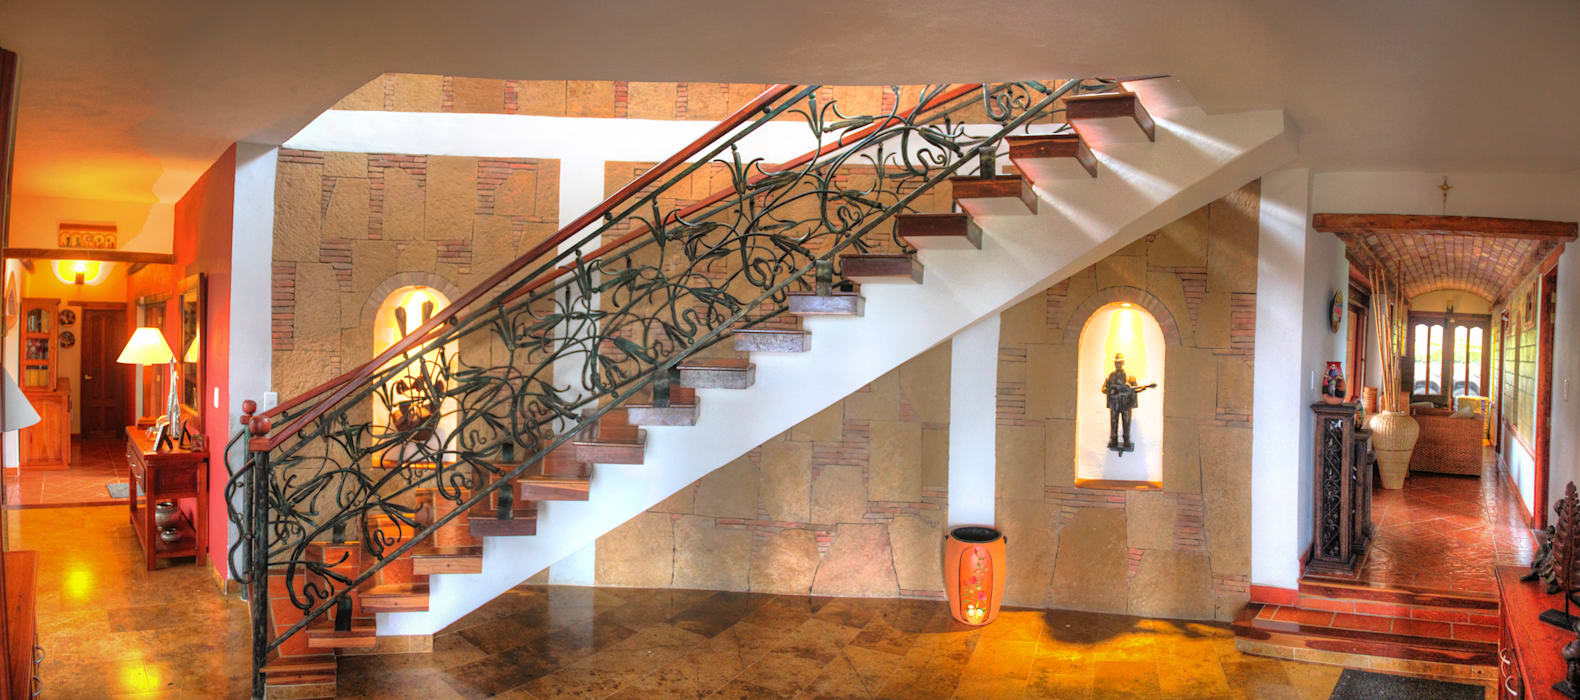 escalera y baranda en forja de cesar sierra daza Arquitecto Rústico Piedra